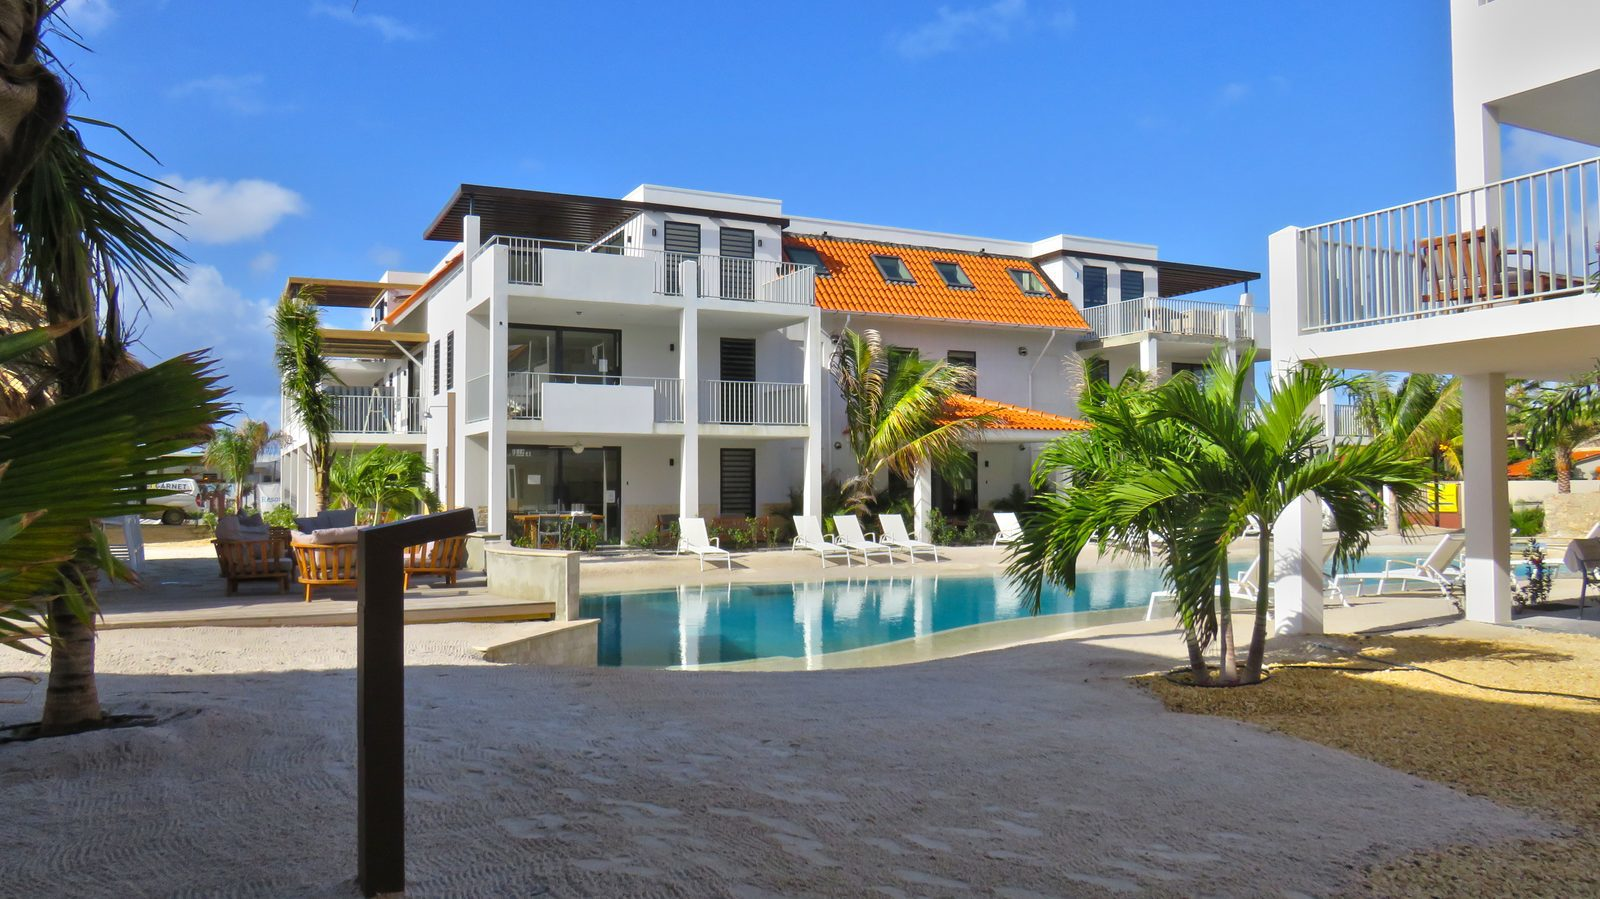 Een zwembad op Bonaire? Die vindt u op Resort Bonaire. Wij hebben een zandstrand waar zowel volwassenen als kinderen zich goed kunnen vermaken.